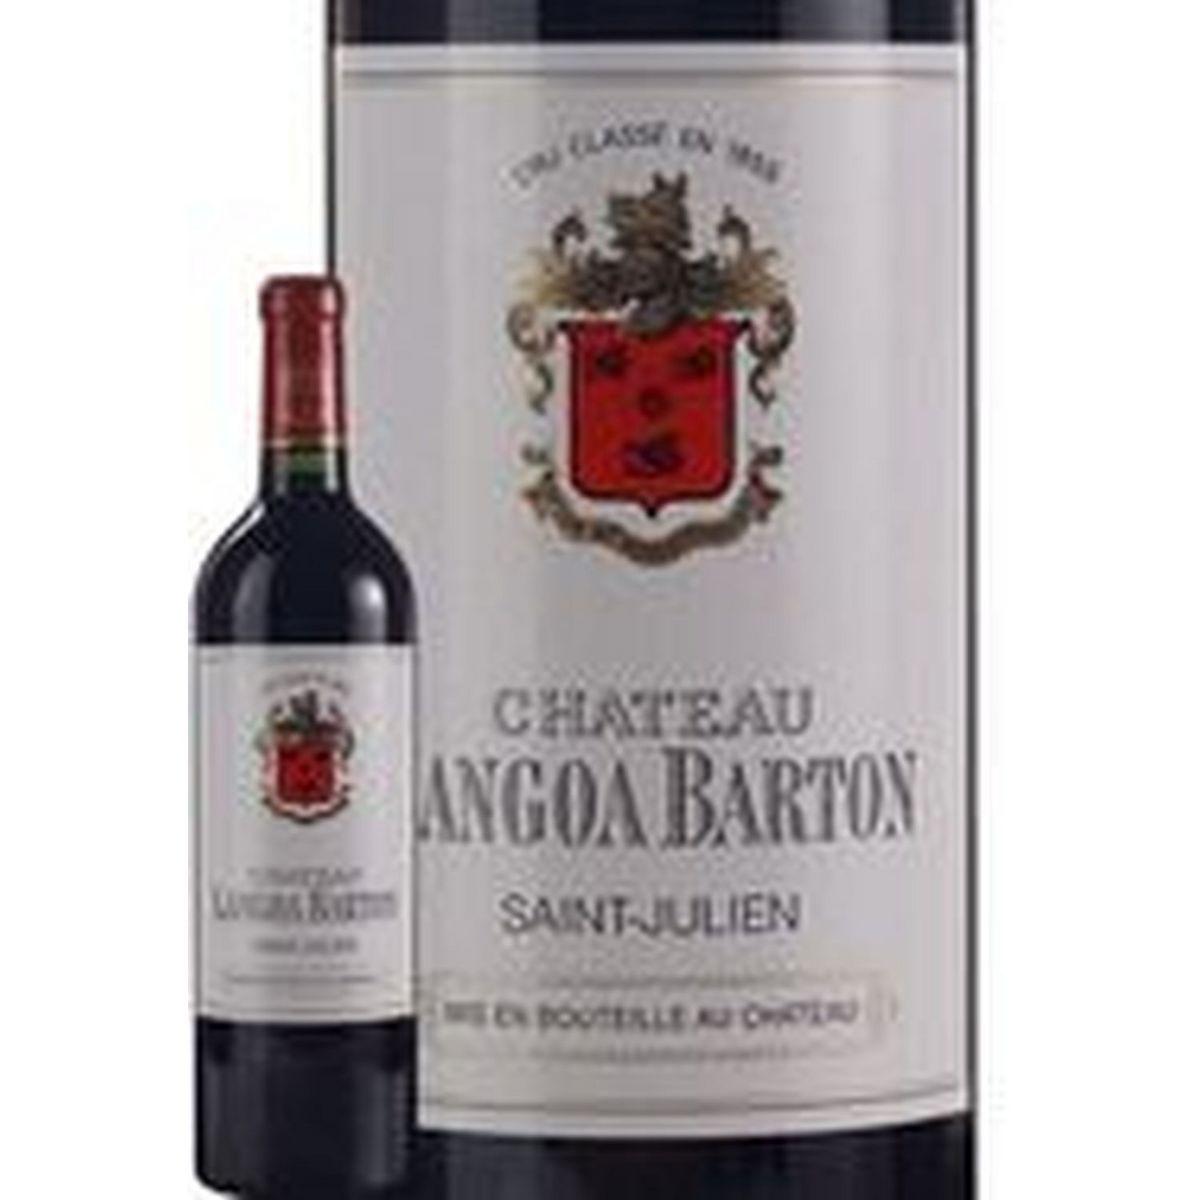 AOP Saint-Julien Château Langoa Barton grand cru classé rouge 2015